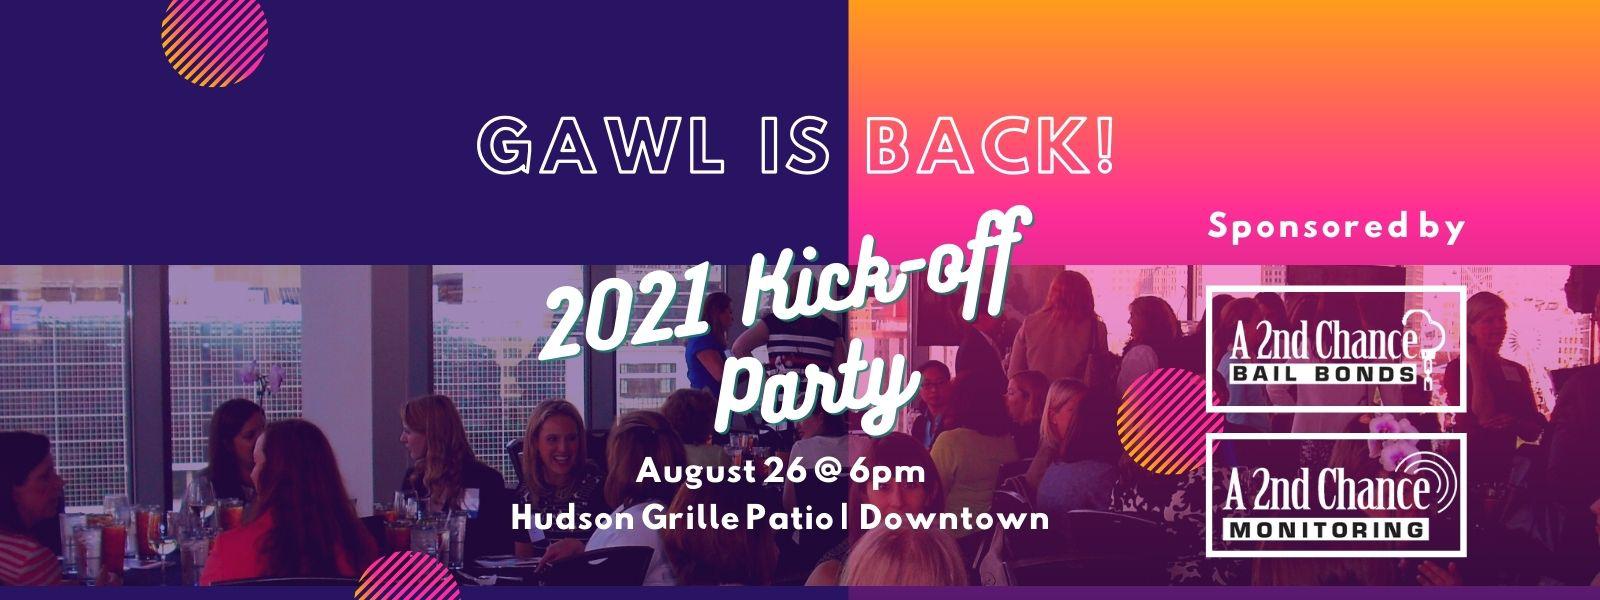 2021 GAWL Kick-off Party!